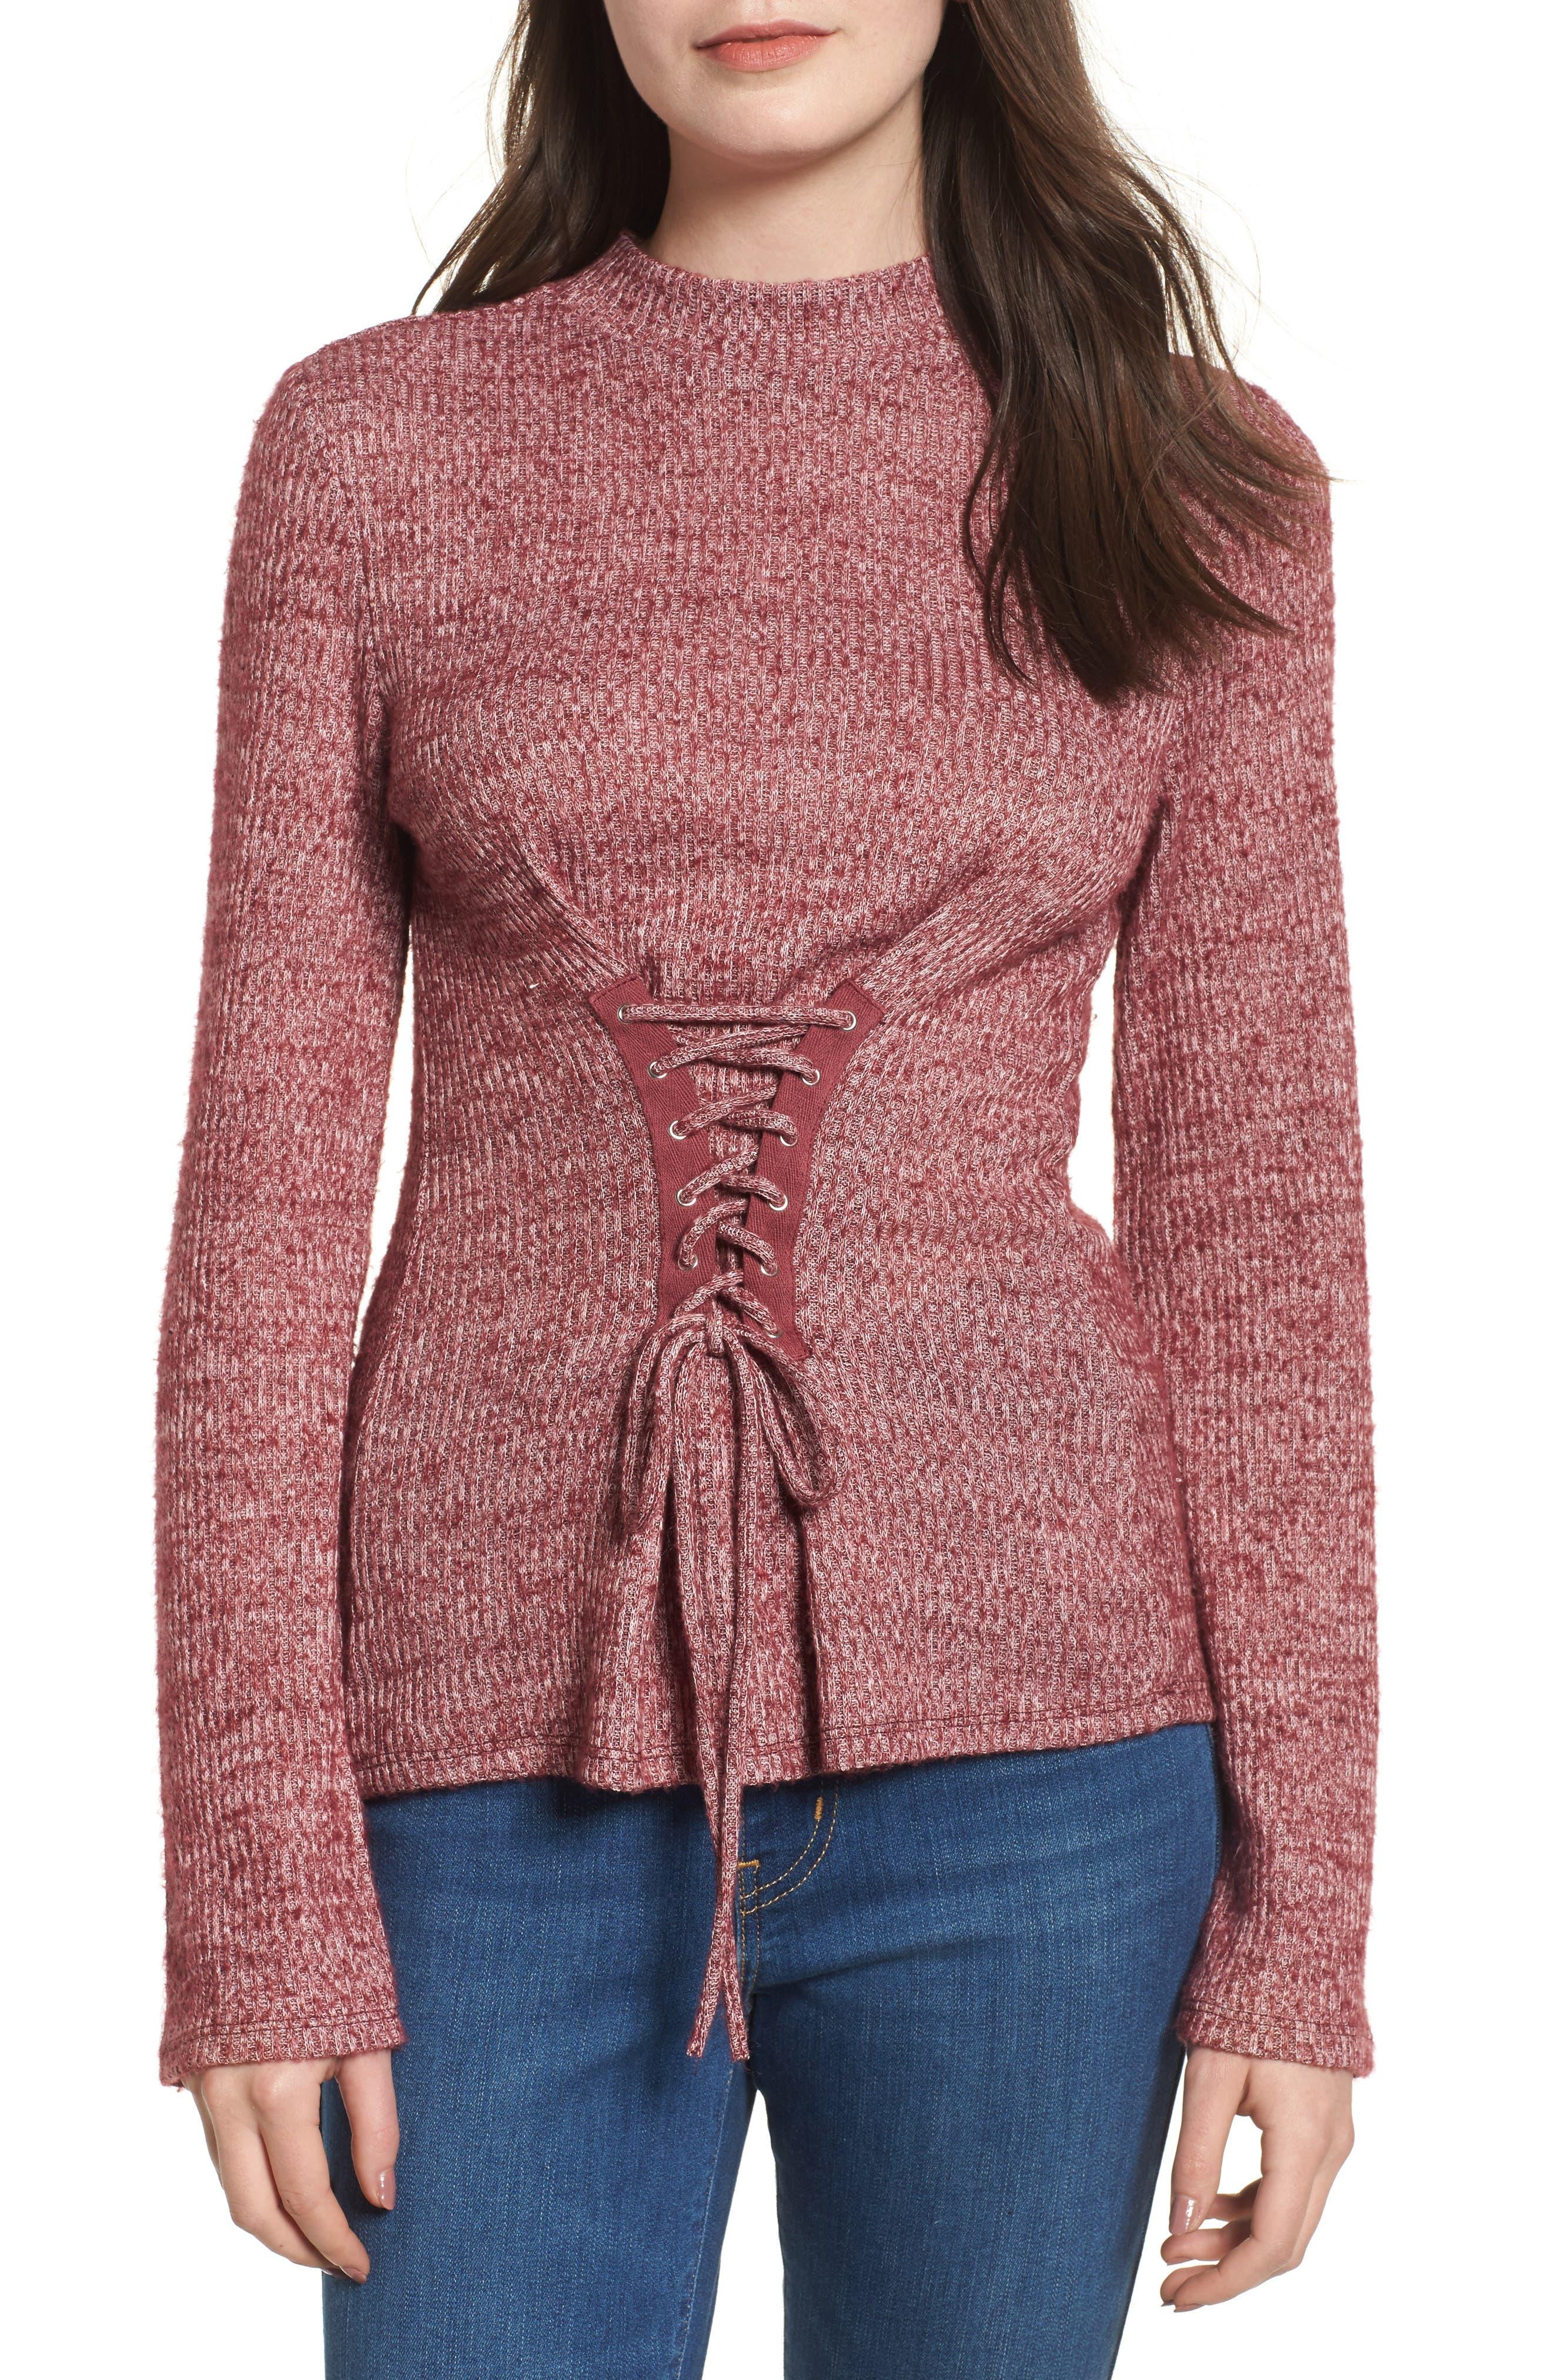 Rib Knit Corset Top,                             Main thumbnail 1, color,                             Burgundy Royale